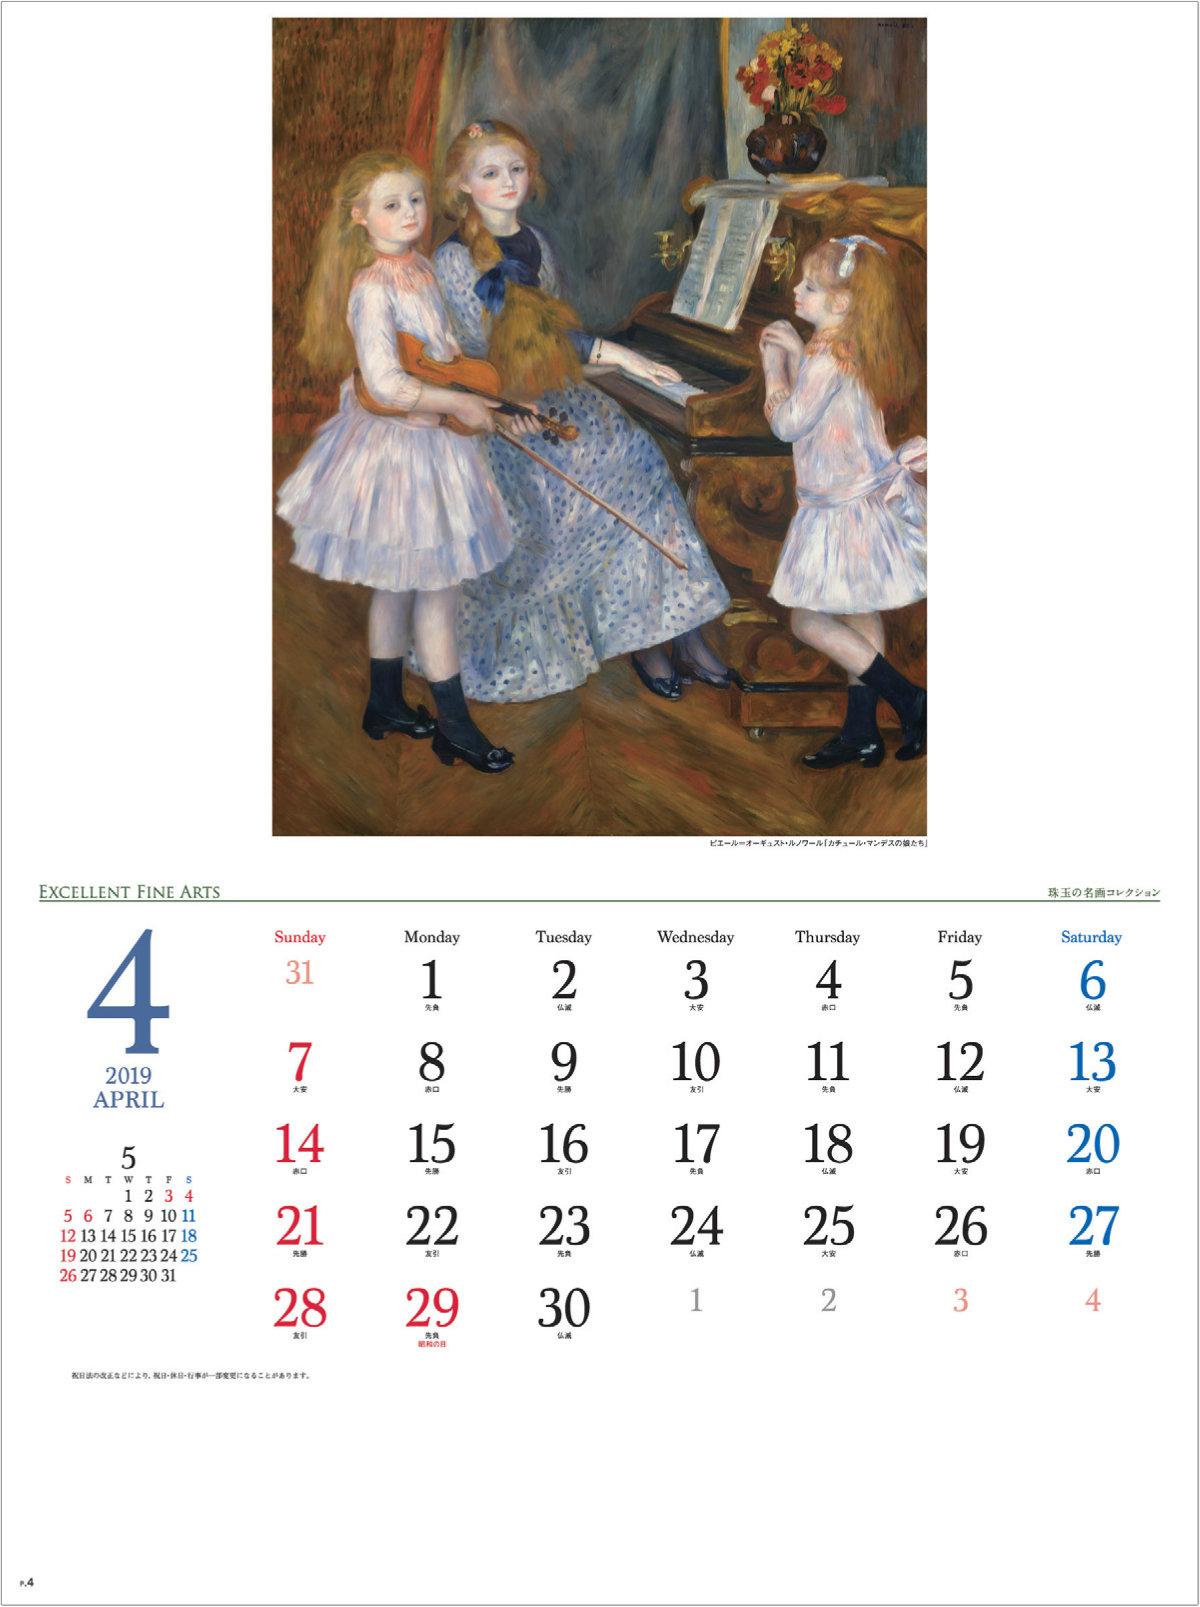 画像:ピエール=オーギュスト・ルノワール「カチュール・マンデスの娘たち」 珠玉の名画コレクション 2019年カレンダー